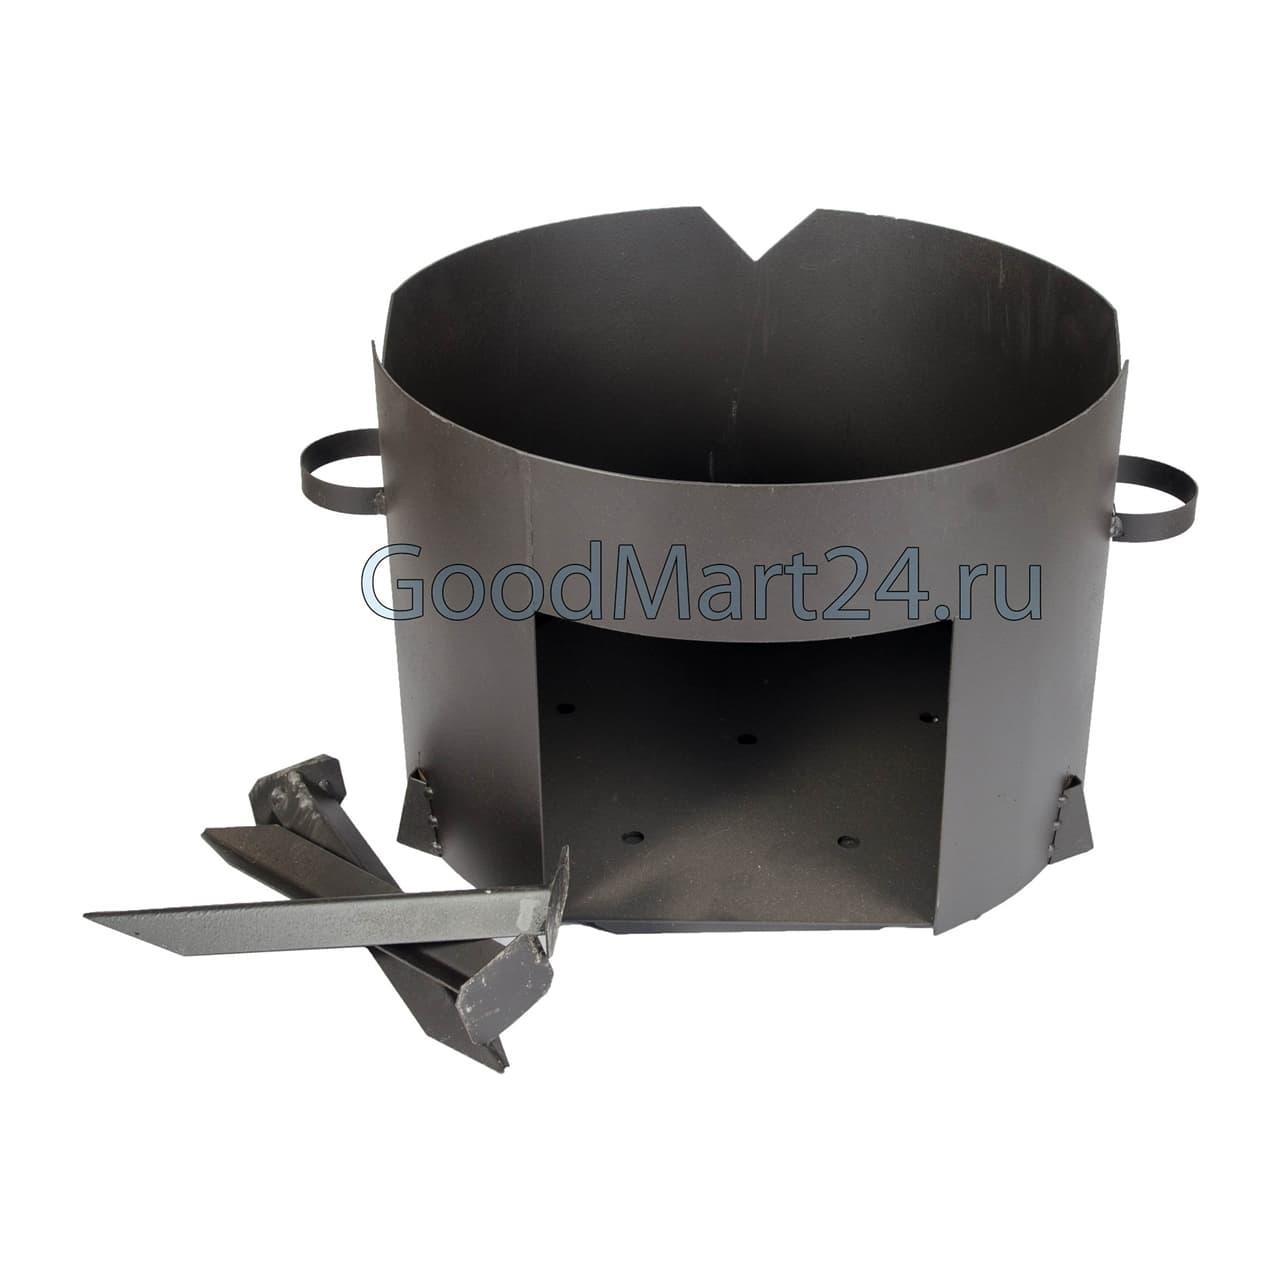 Чугунный казан 25 л. Балезинский ЛМЗ + Печь d-480 мм сталь 2 мм. - фото 4855